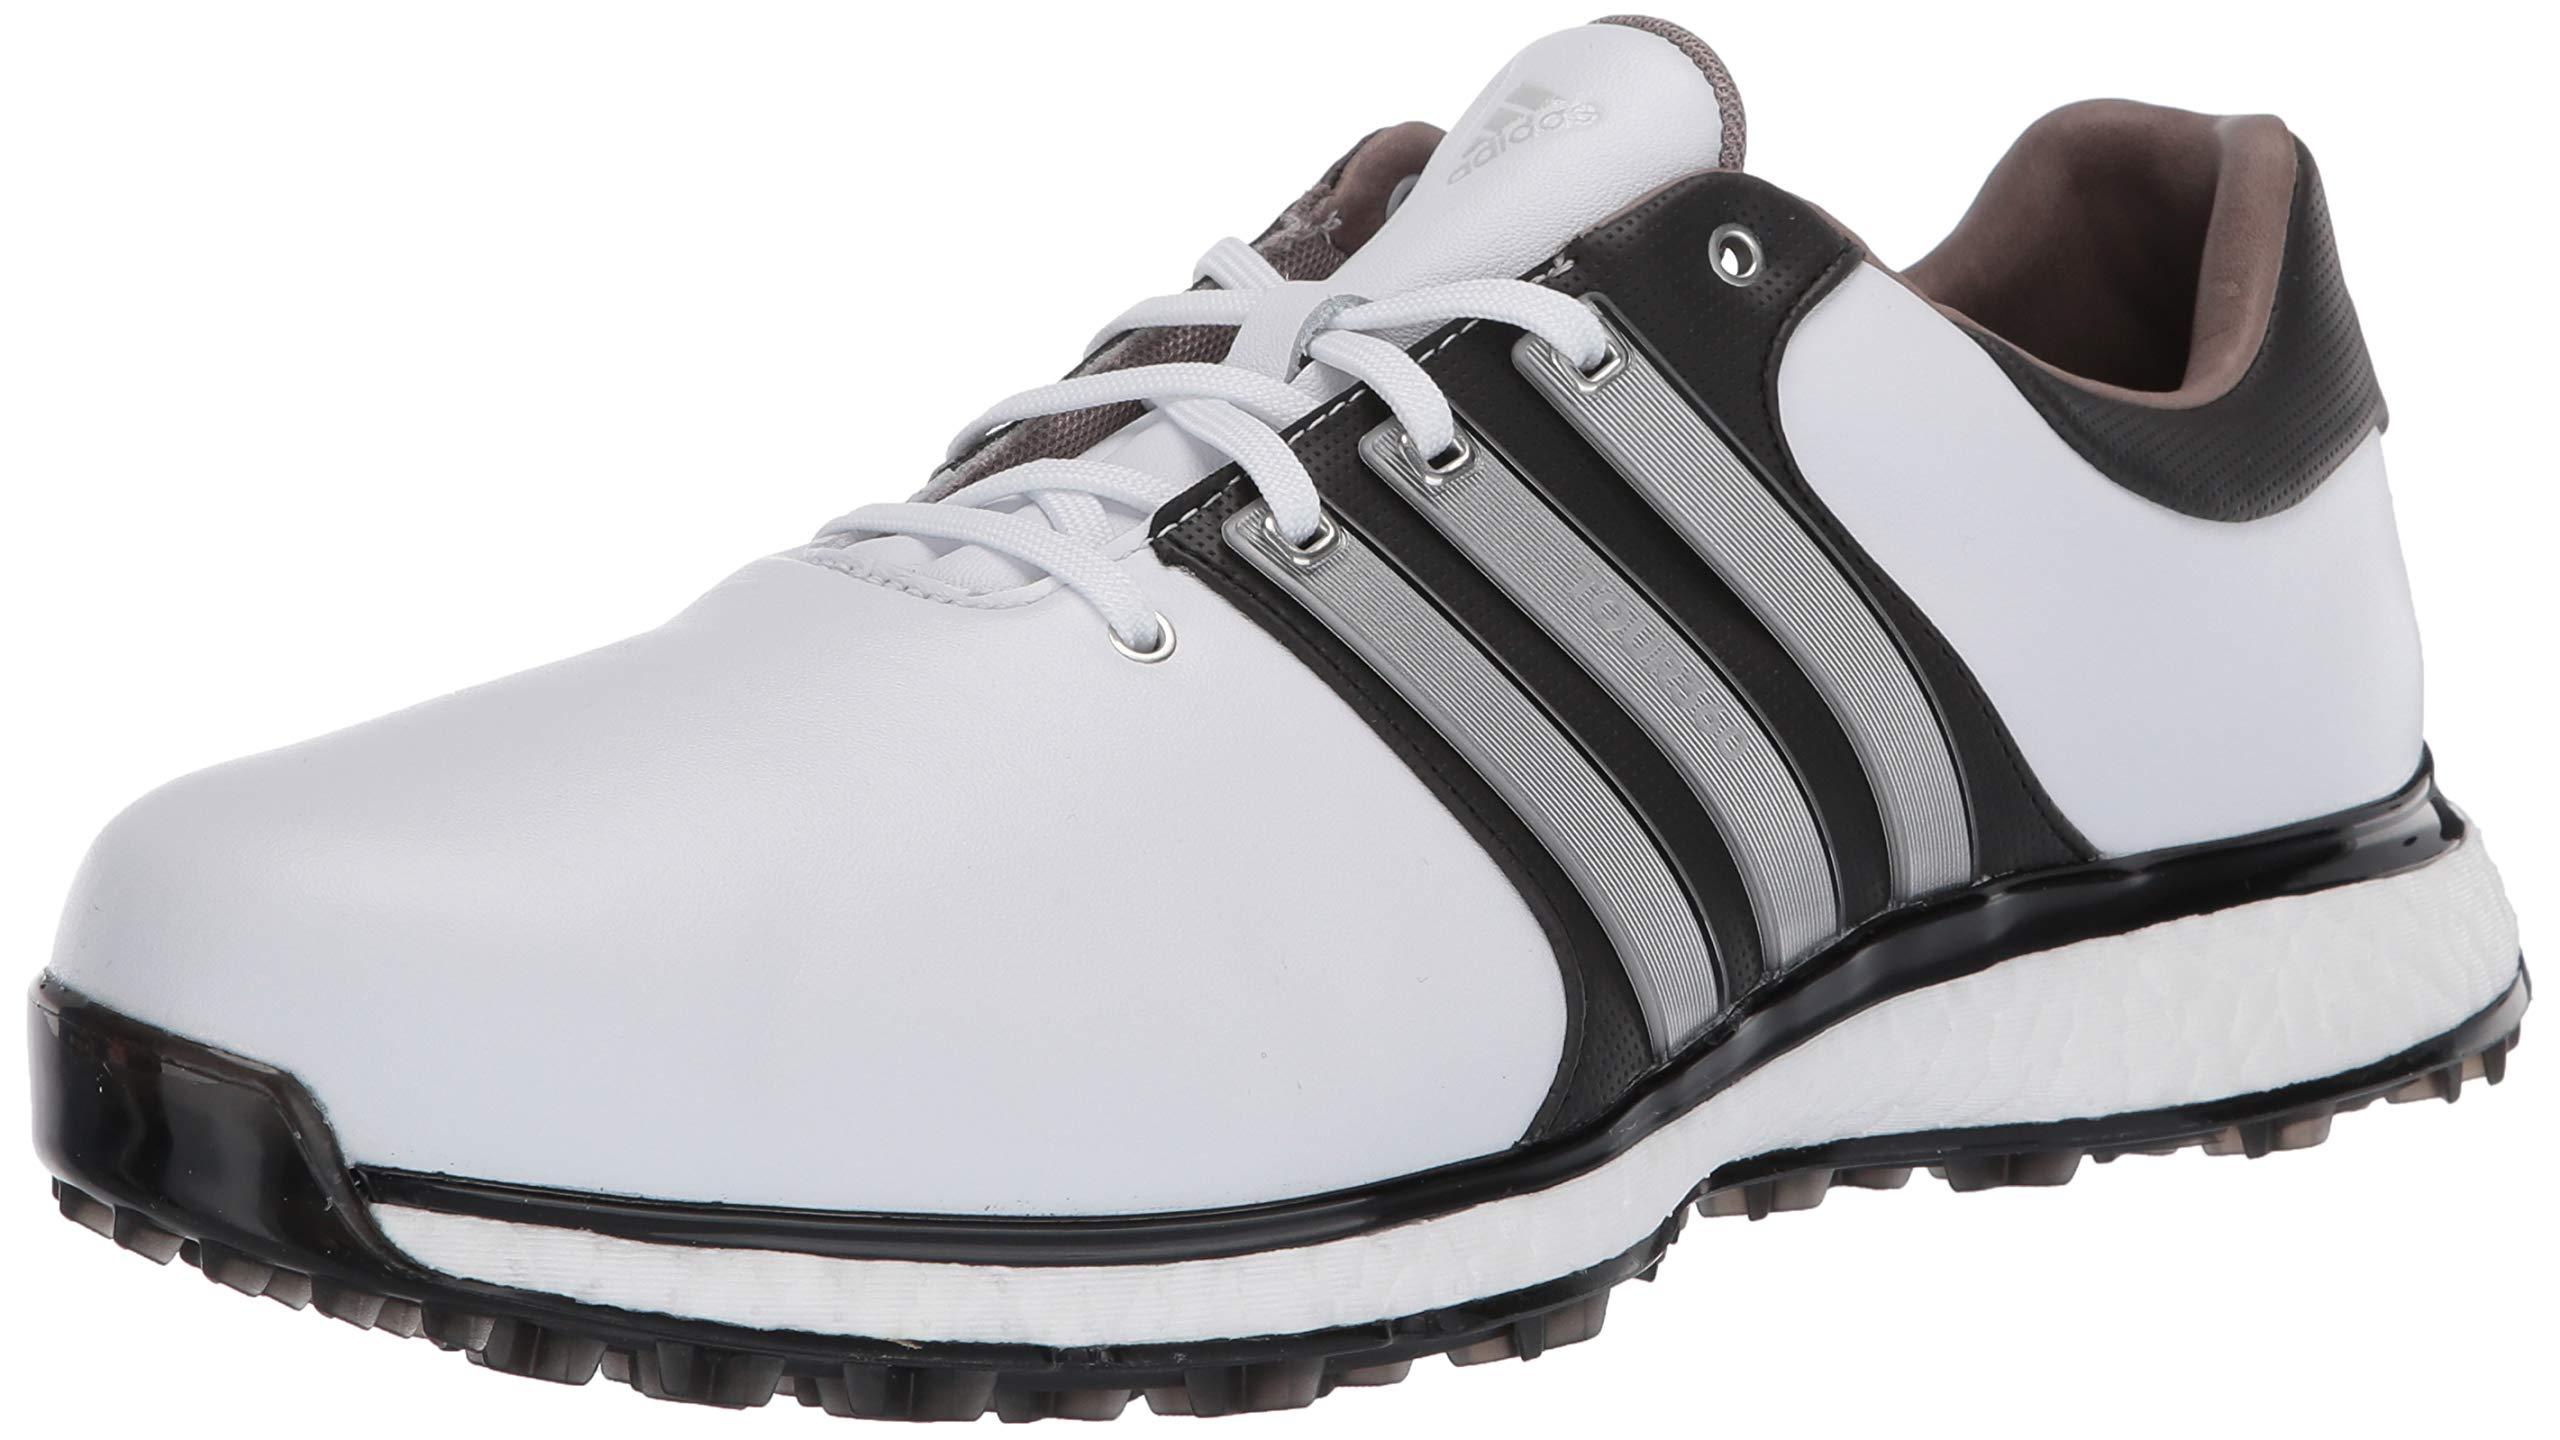 adidas Mens TOUR360 XT Spikeless Golf Shoe